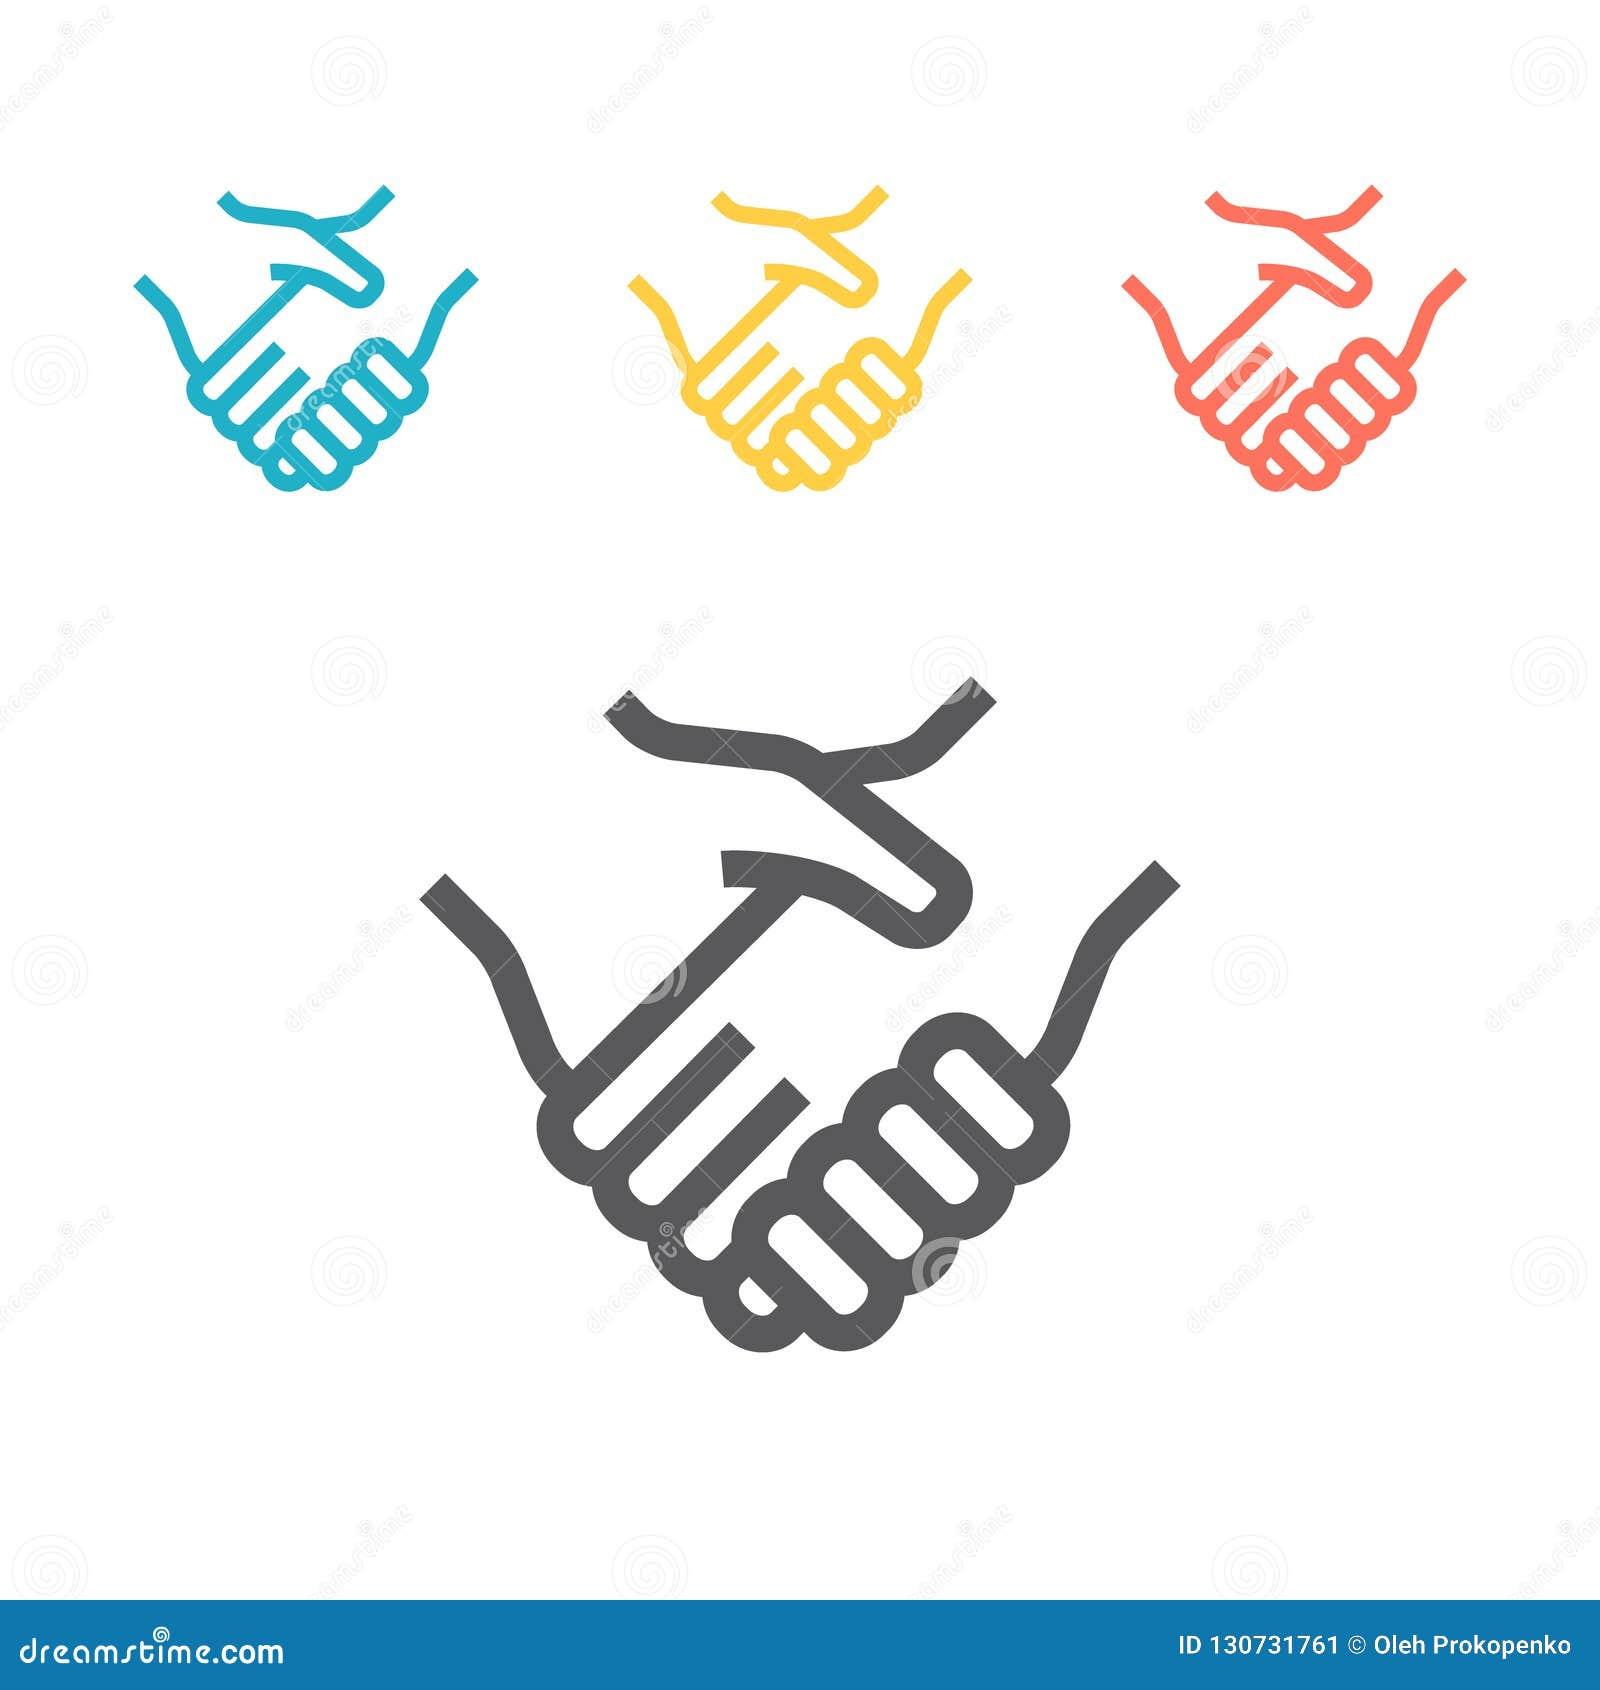 βοήθεια χεριών διανυσματικό εικονίδιο τέχνης γραμμών συμφωνητικού σύμβασης για τα apps και τους ιστοχώρους